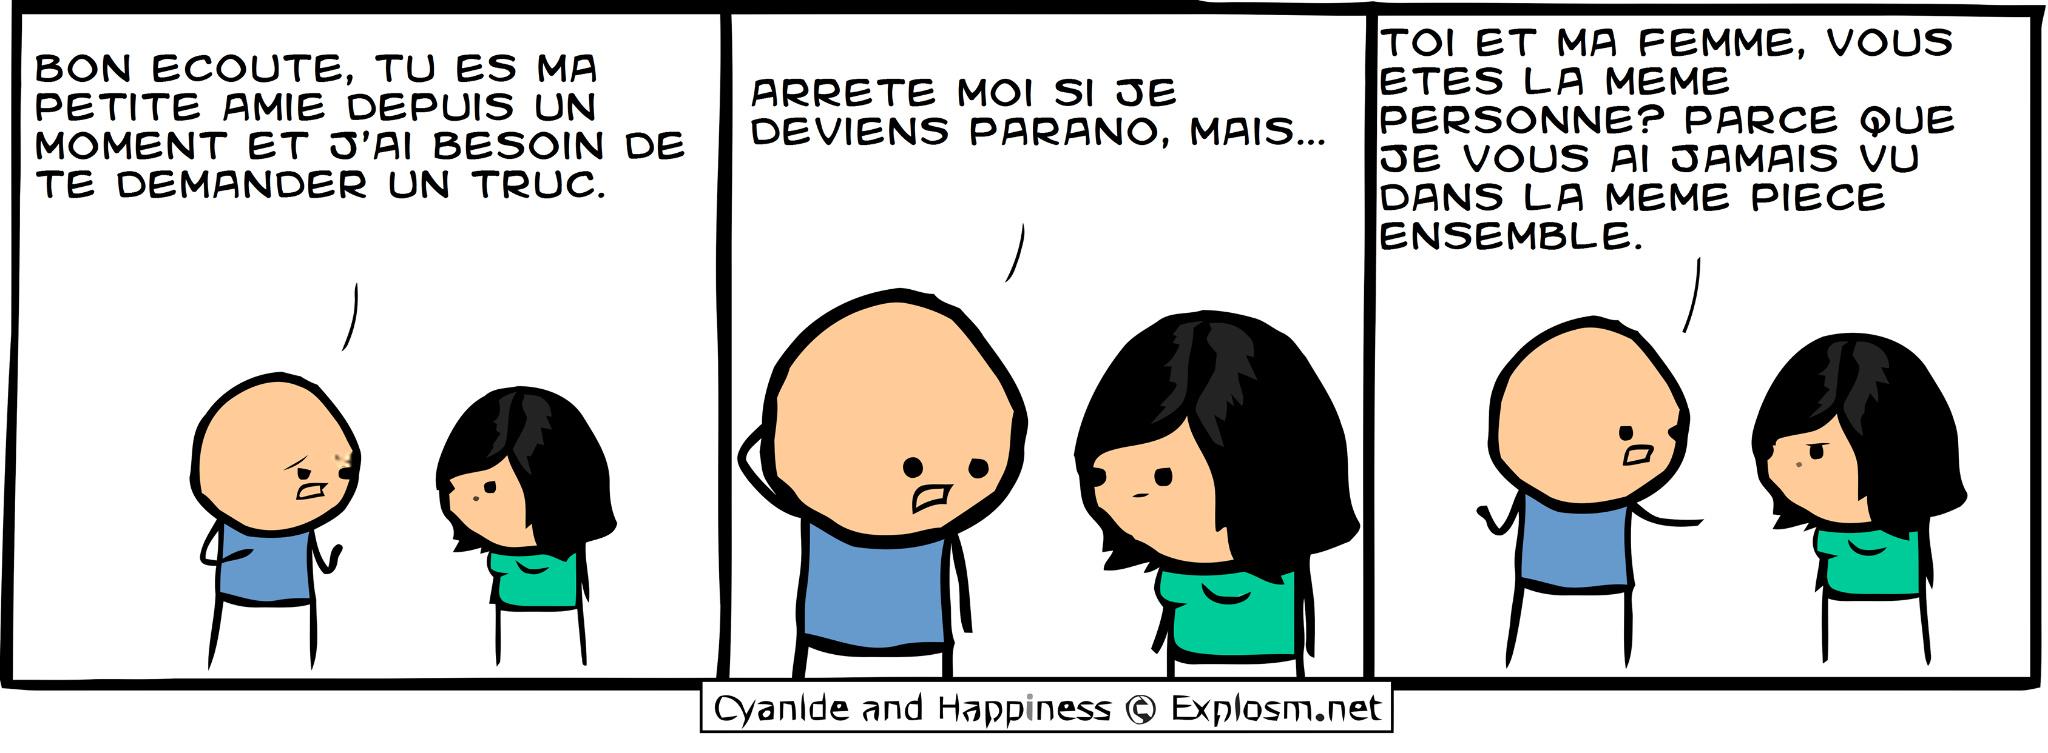 Cyanure et Bonheur #4 - meme